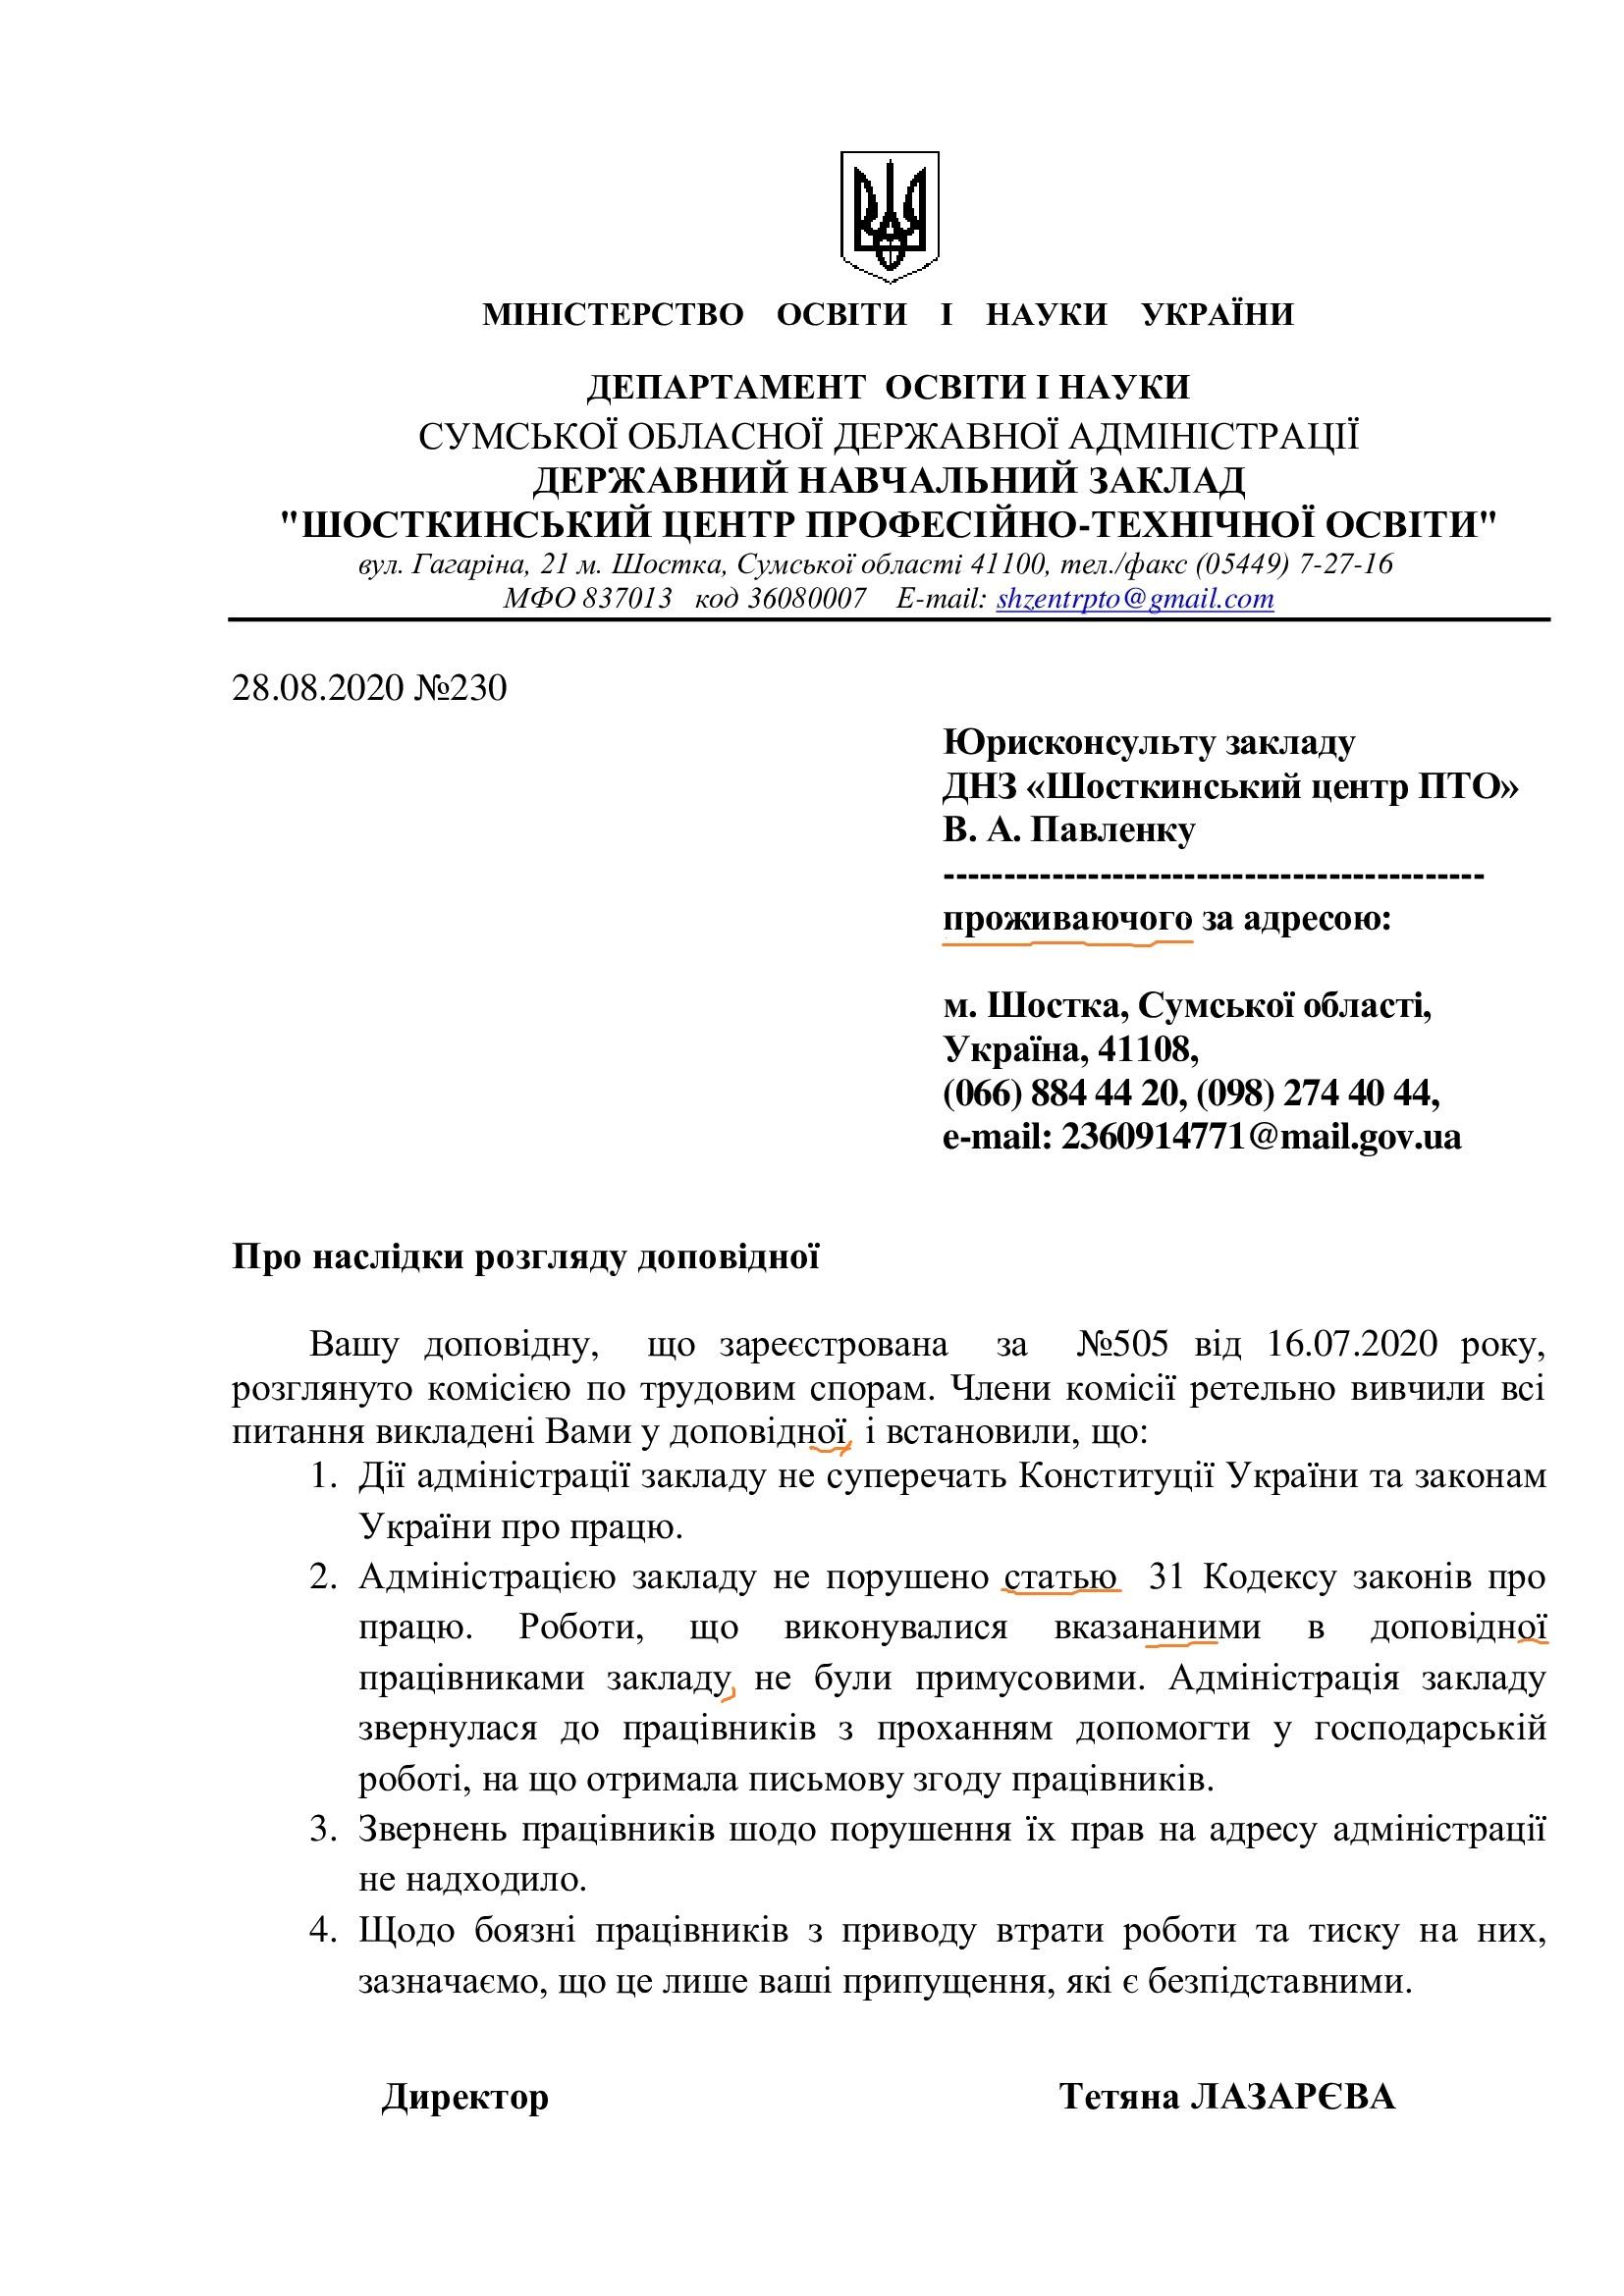 230-Відповідь-на-Павленко-28.08.20-№505